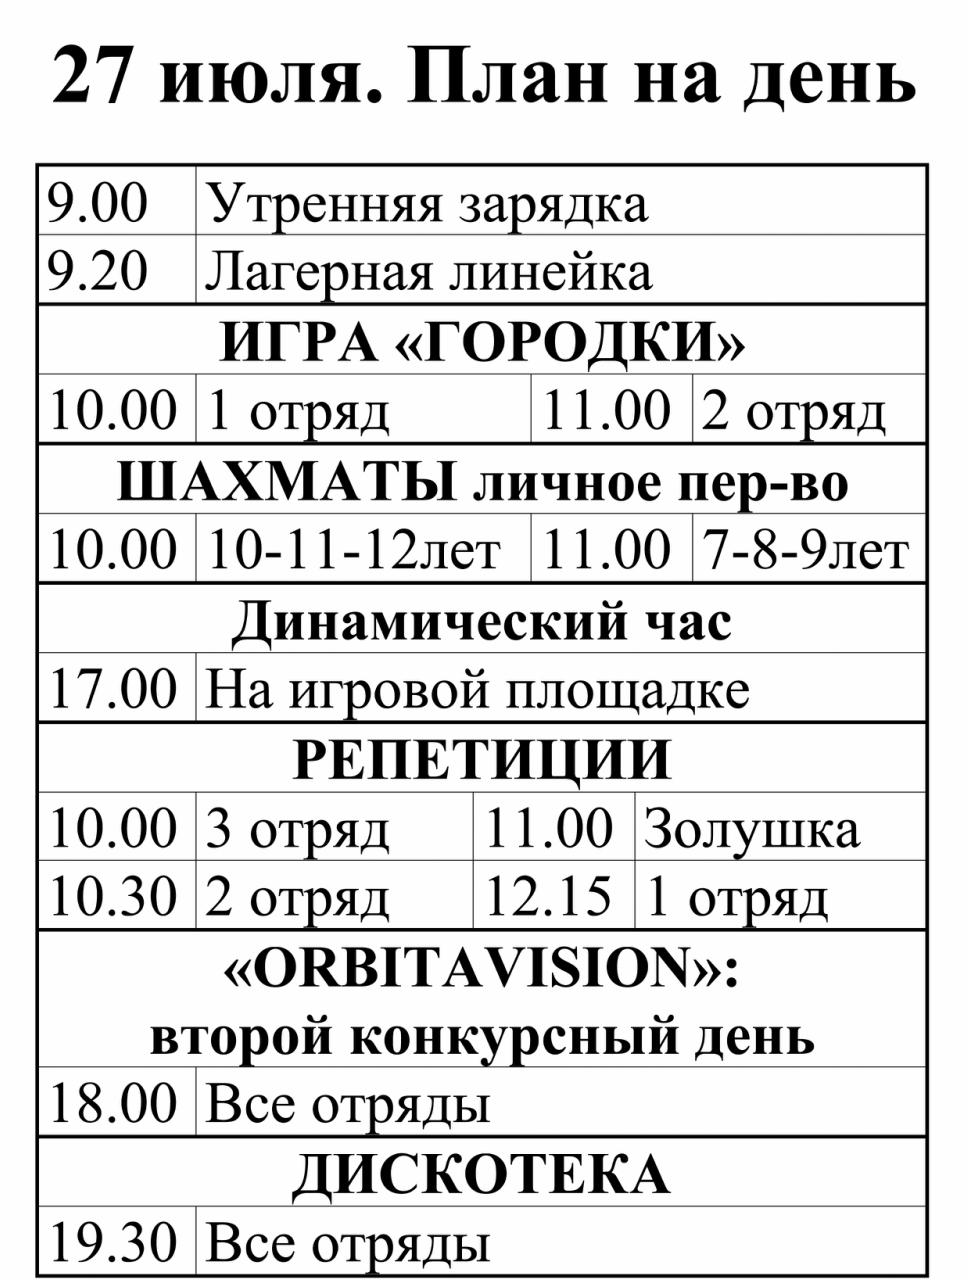 27-июля-план-на-день.jpg